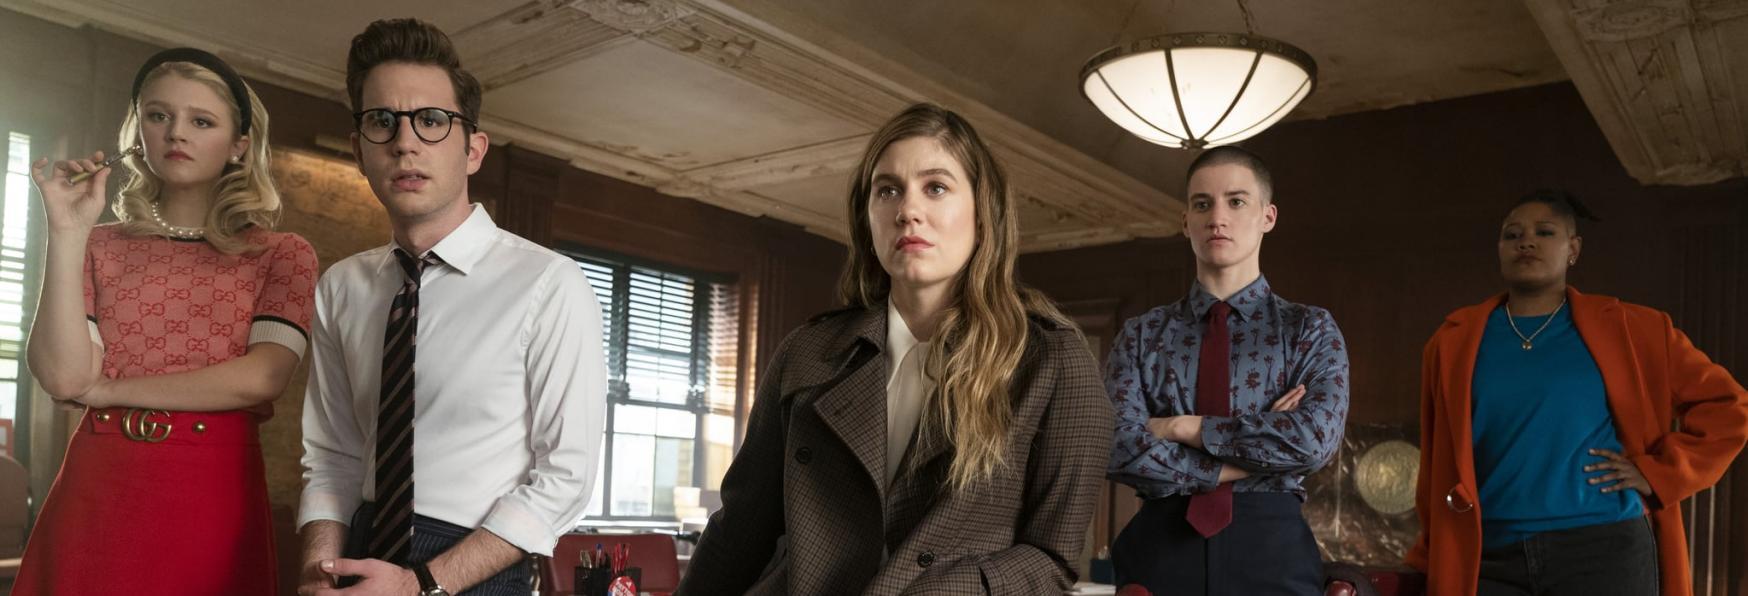 The Politician 2: svelata la Data della nuova Stagione della Serie TV targata Netflix